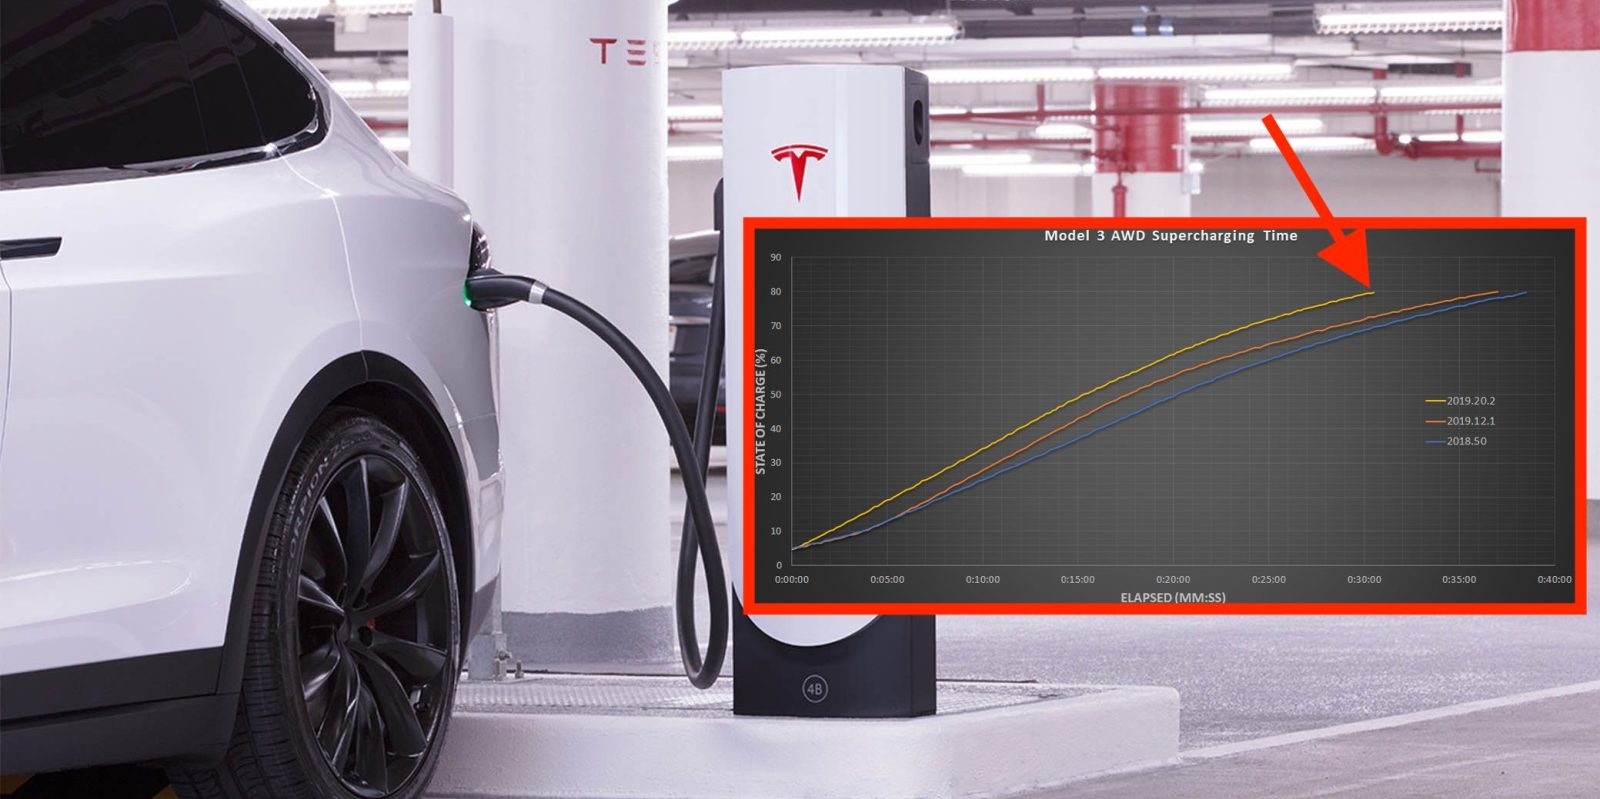 Tesla Model 3 is Supercharging 20% faster after software update, test shows